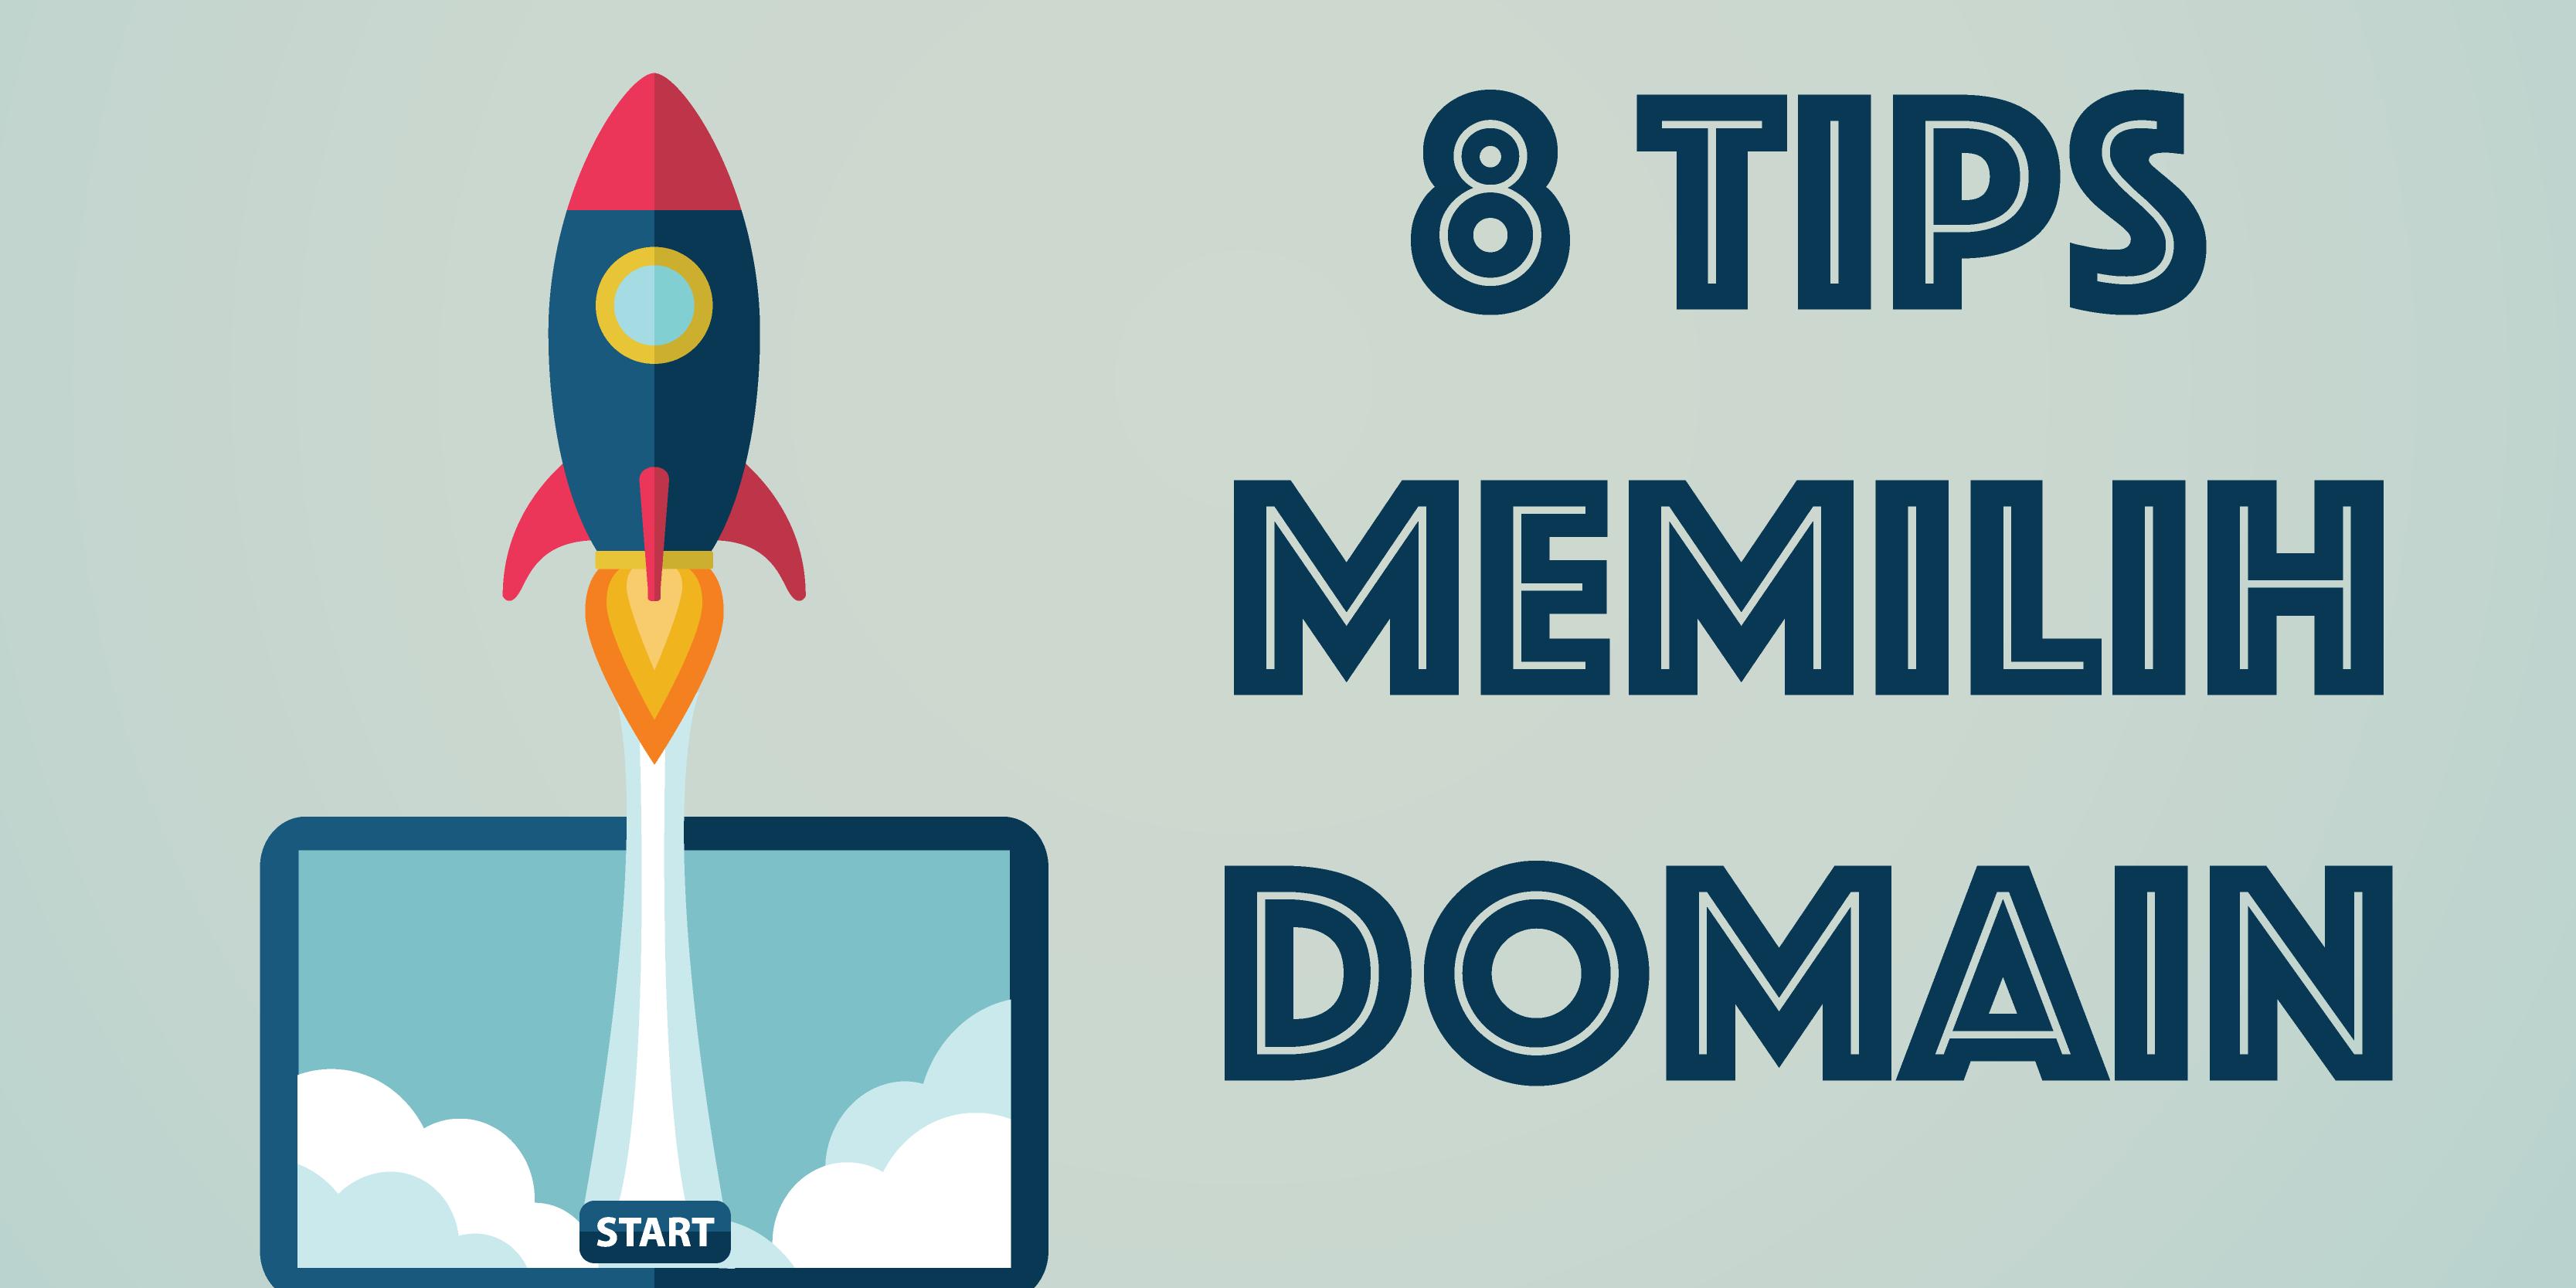 Bagaimana Memilih Domain Yang Baik? Catat 8 Tips Ini..